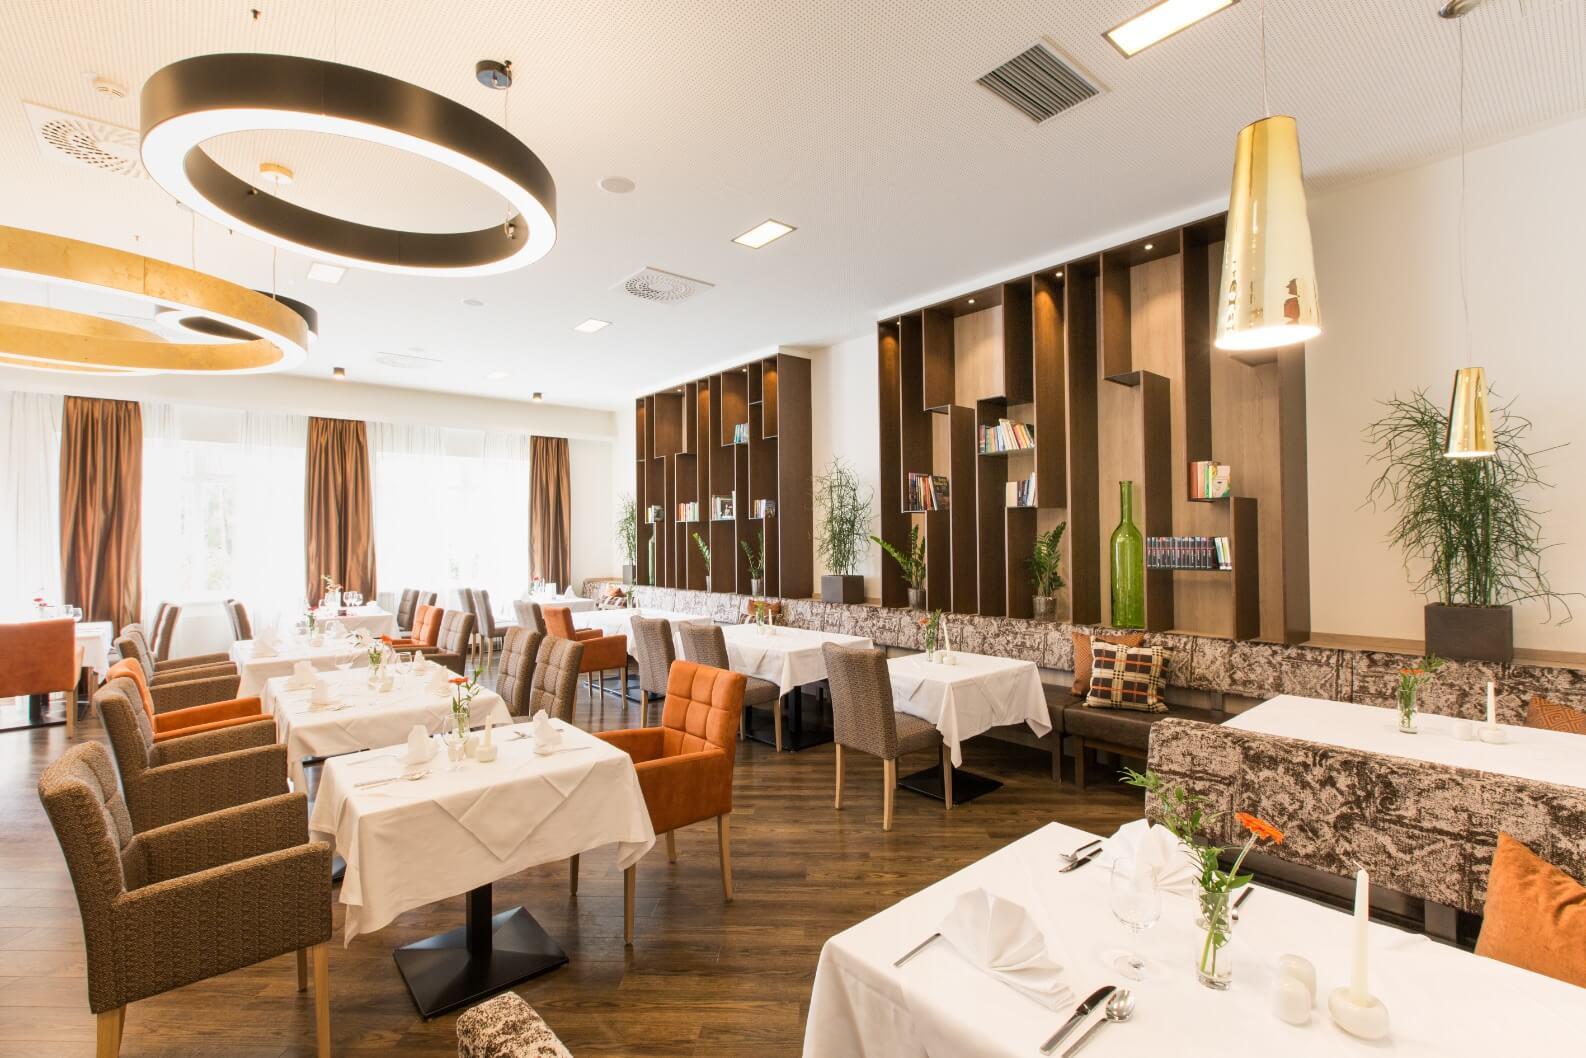 CP_Hotel-Solefelsbad-Gmünd_15@2x